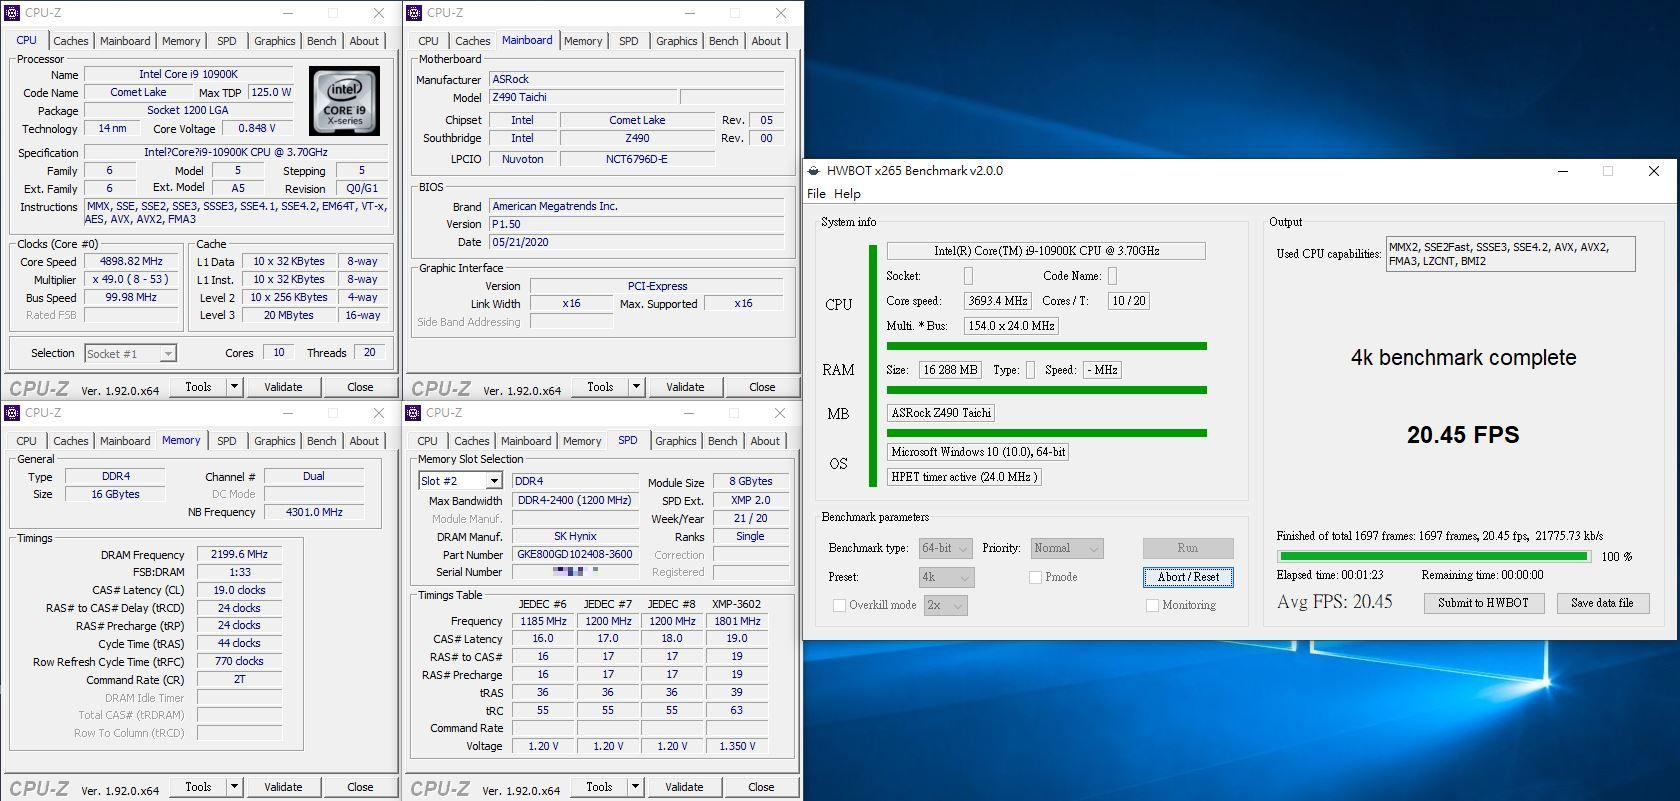 凌航Neo Forza Mars DDR4 RGB超頻記憶體-搭配Z490平台超頻表現優異,視覺燈效絢麗動人